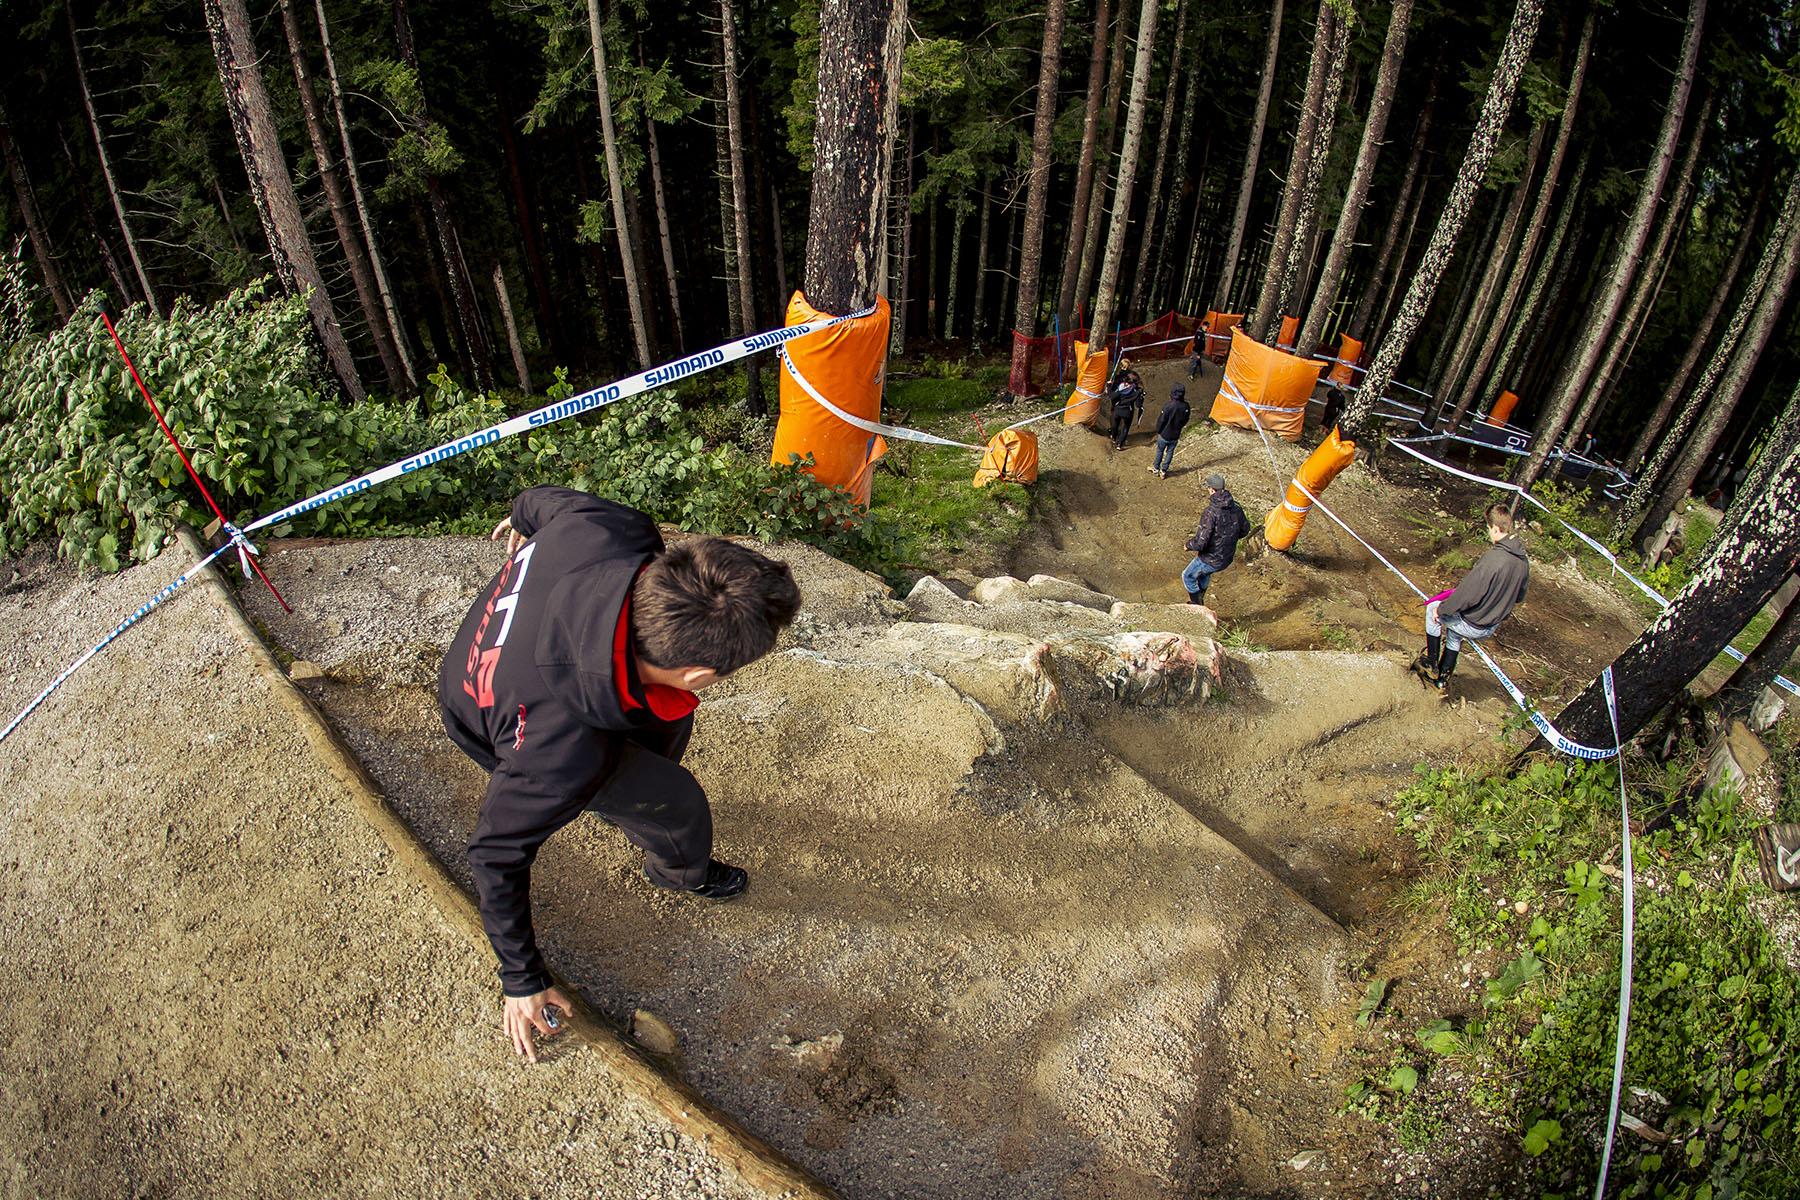 Schroffe Felsen erwarten die Fahrer direkt am Einstieg in den Wald. Nachdem allerdings einige Dutzend Fahrer hier runter geheizt sind, wird die Strecke an dieser Stelle am Sonntag ganz anders aussehen.